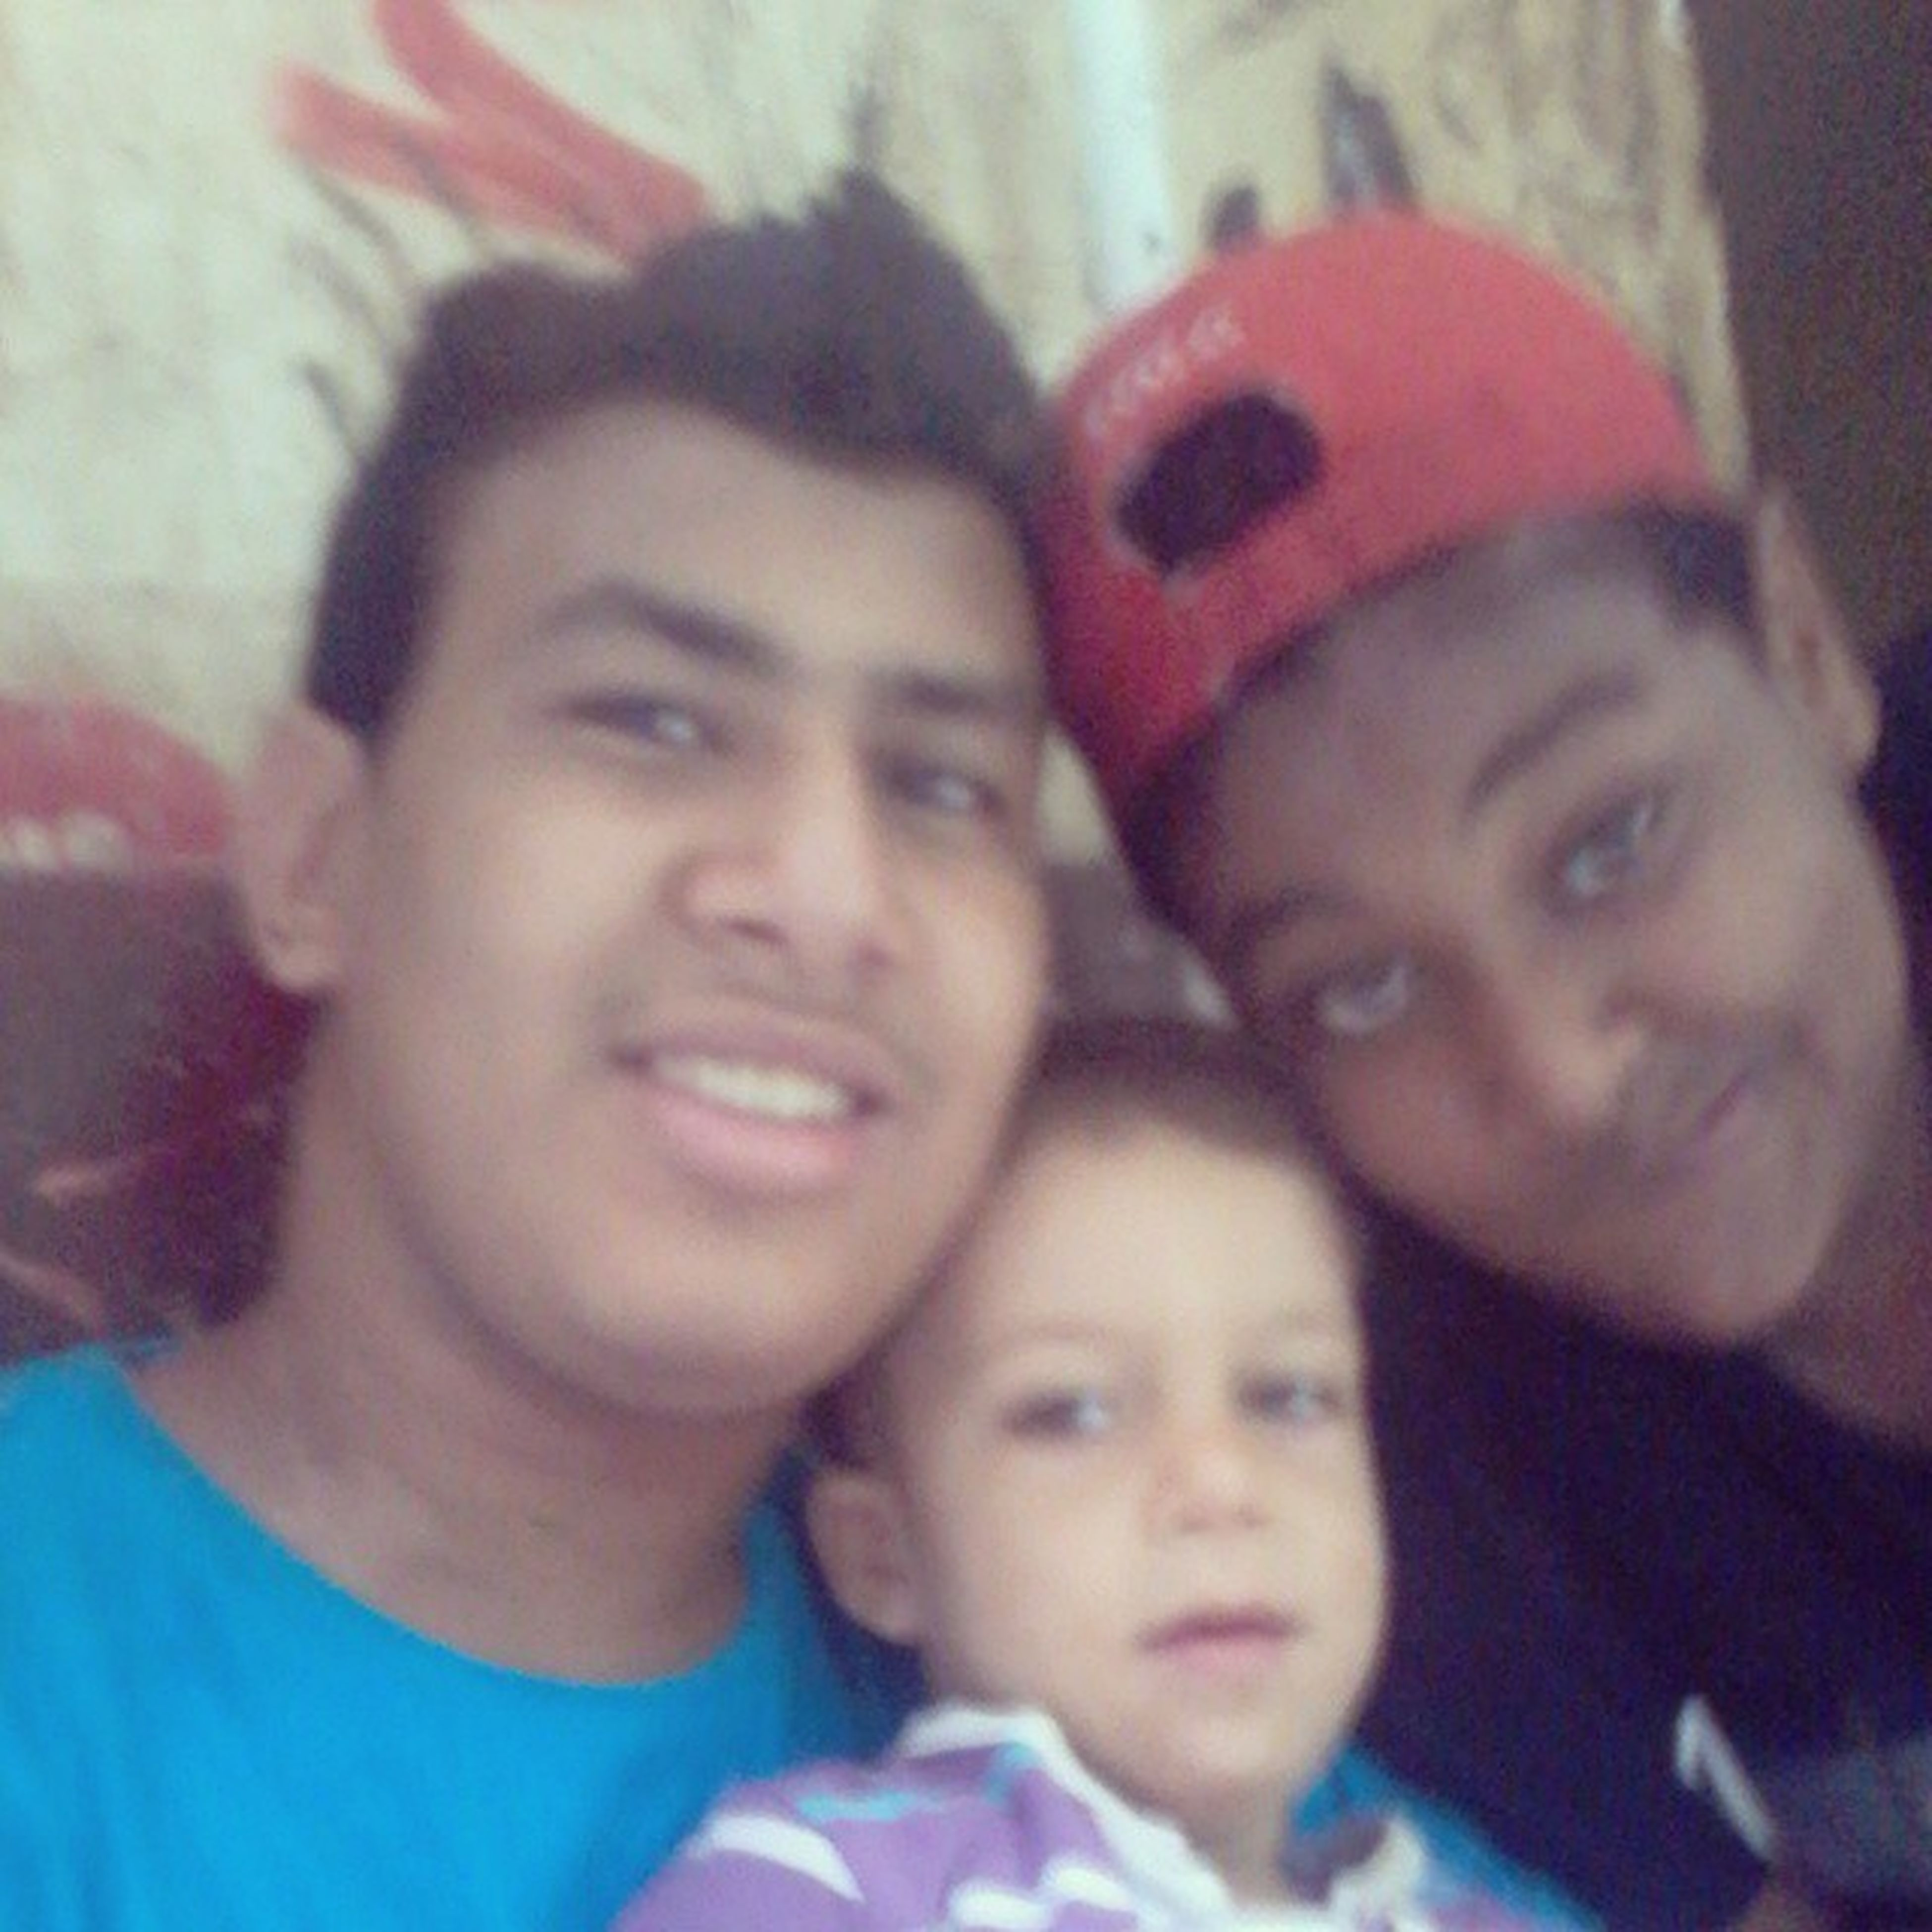 Insta_fun Insta_LOL Me & MoUsTaaFa & BakkaR <3